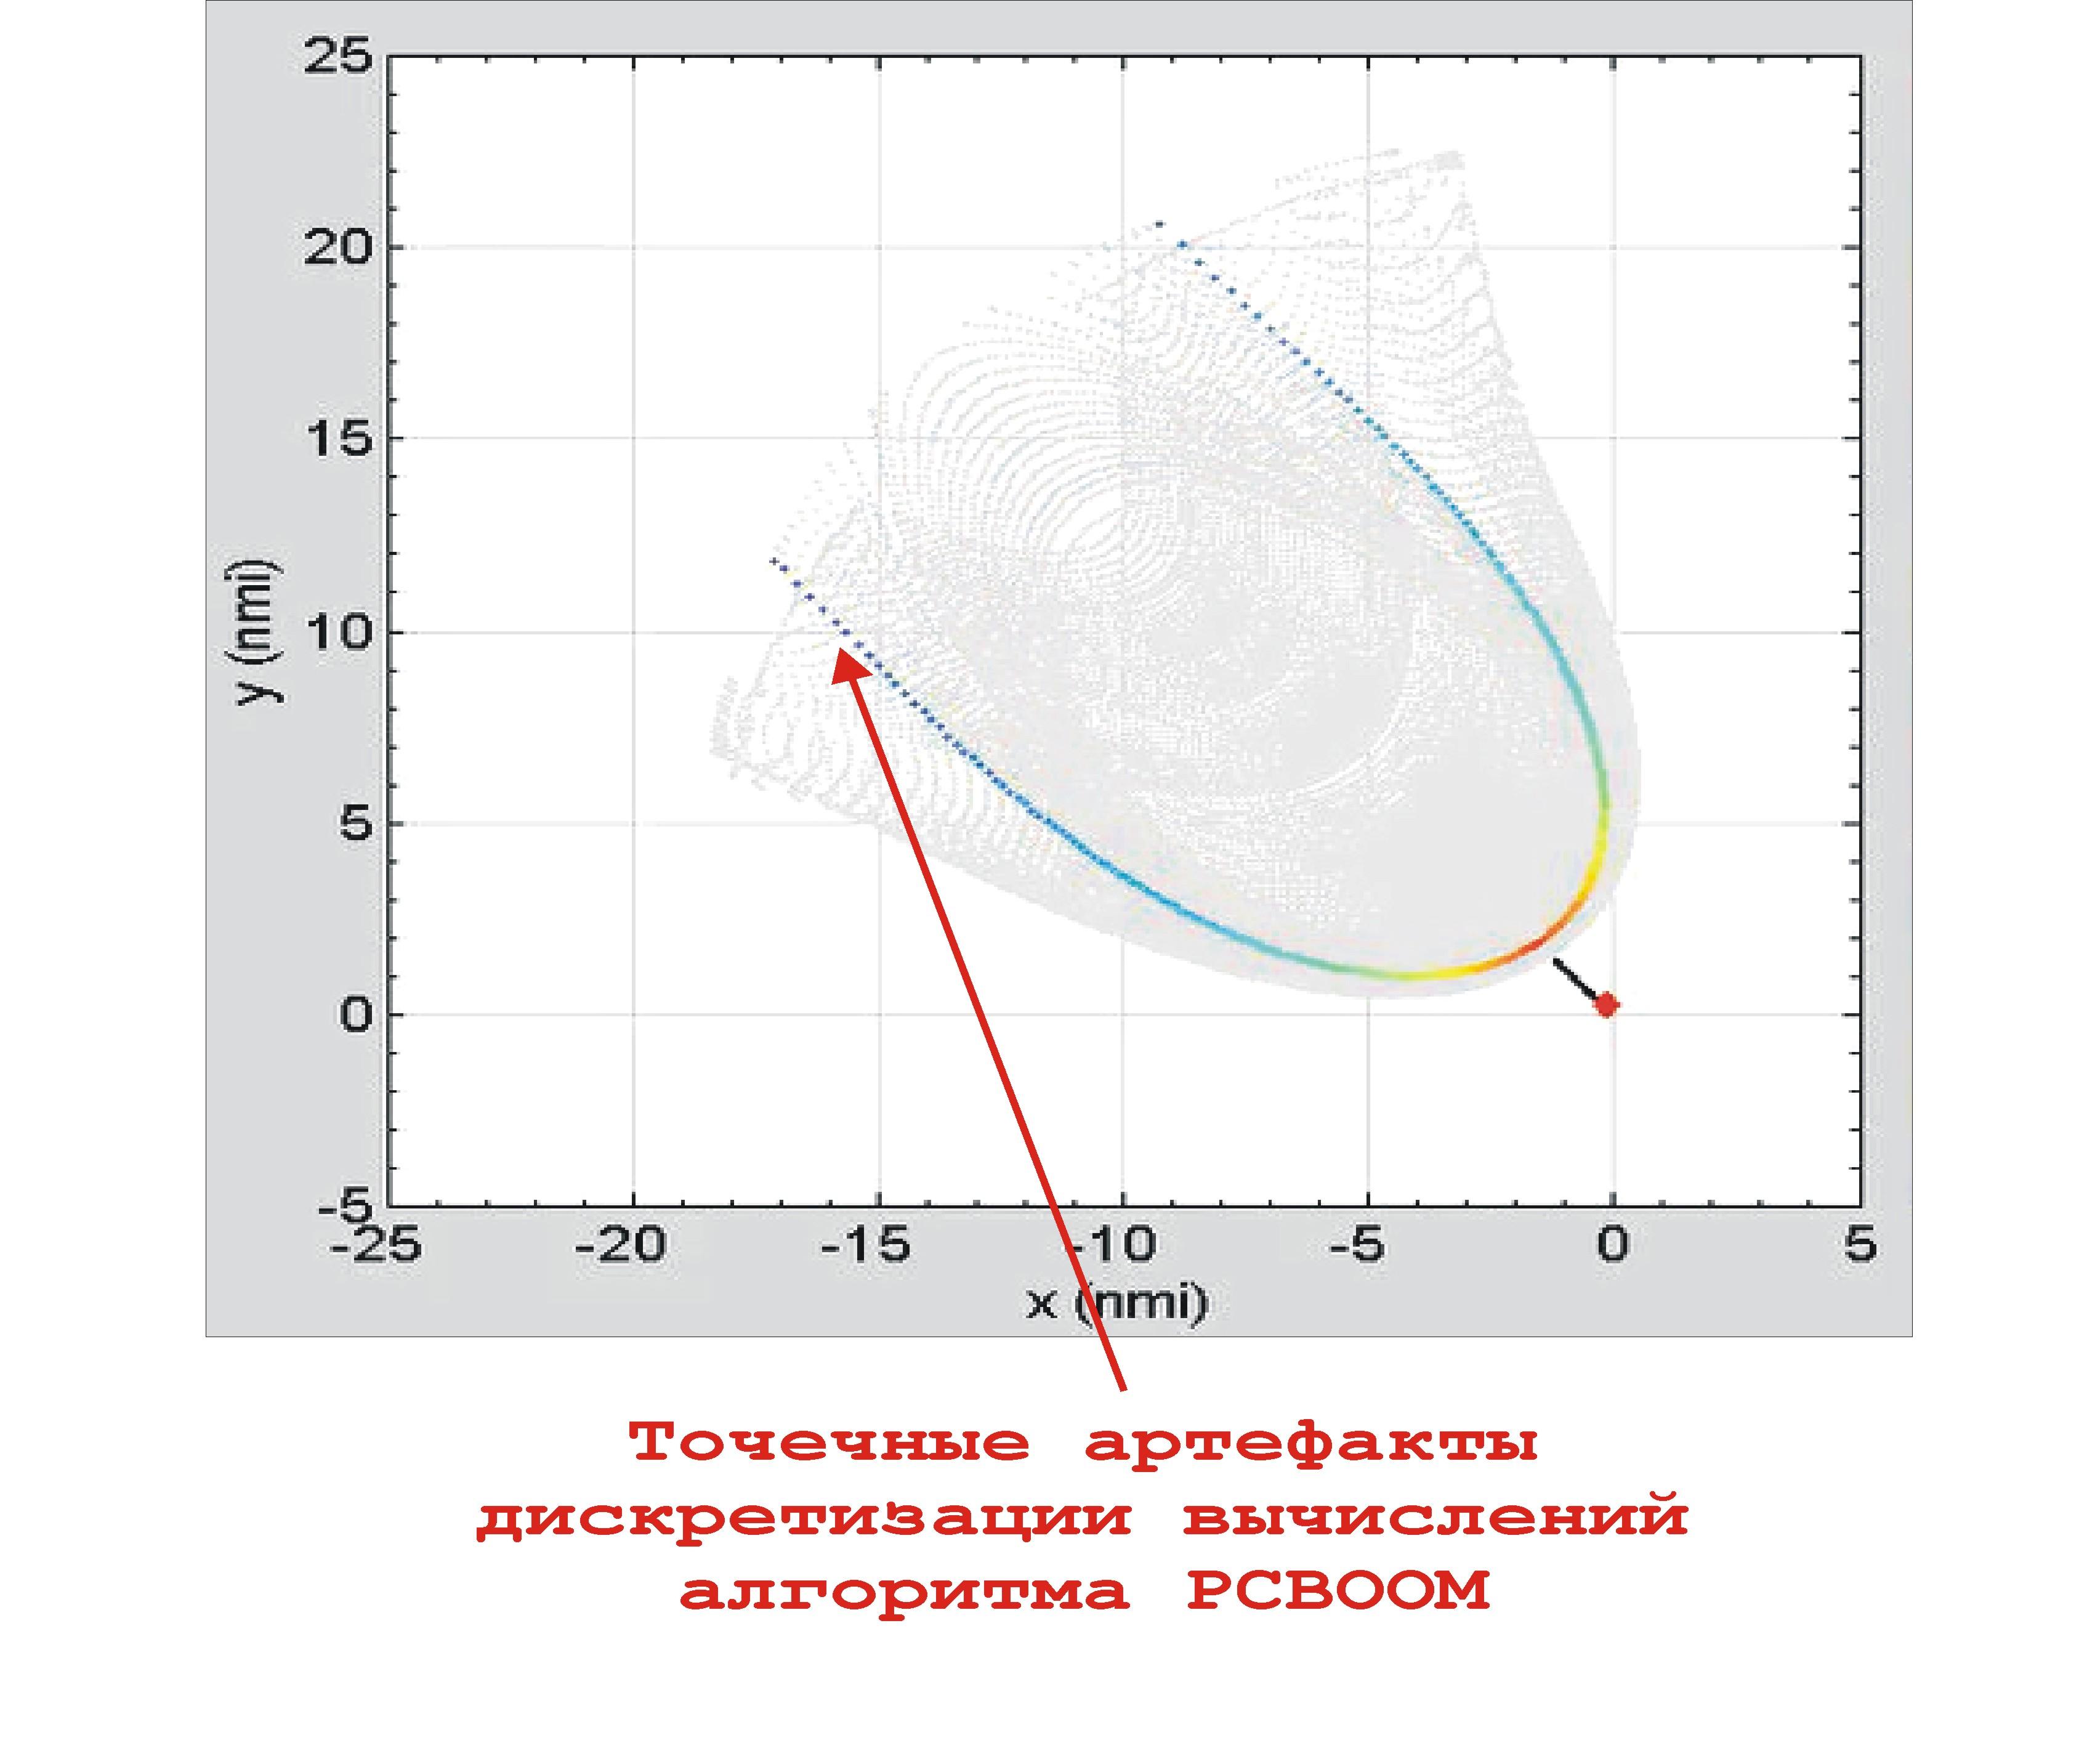 http://images.vfl.ru/ii/1511180033/970a2c03/19496961.jpg